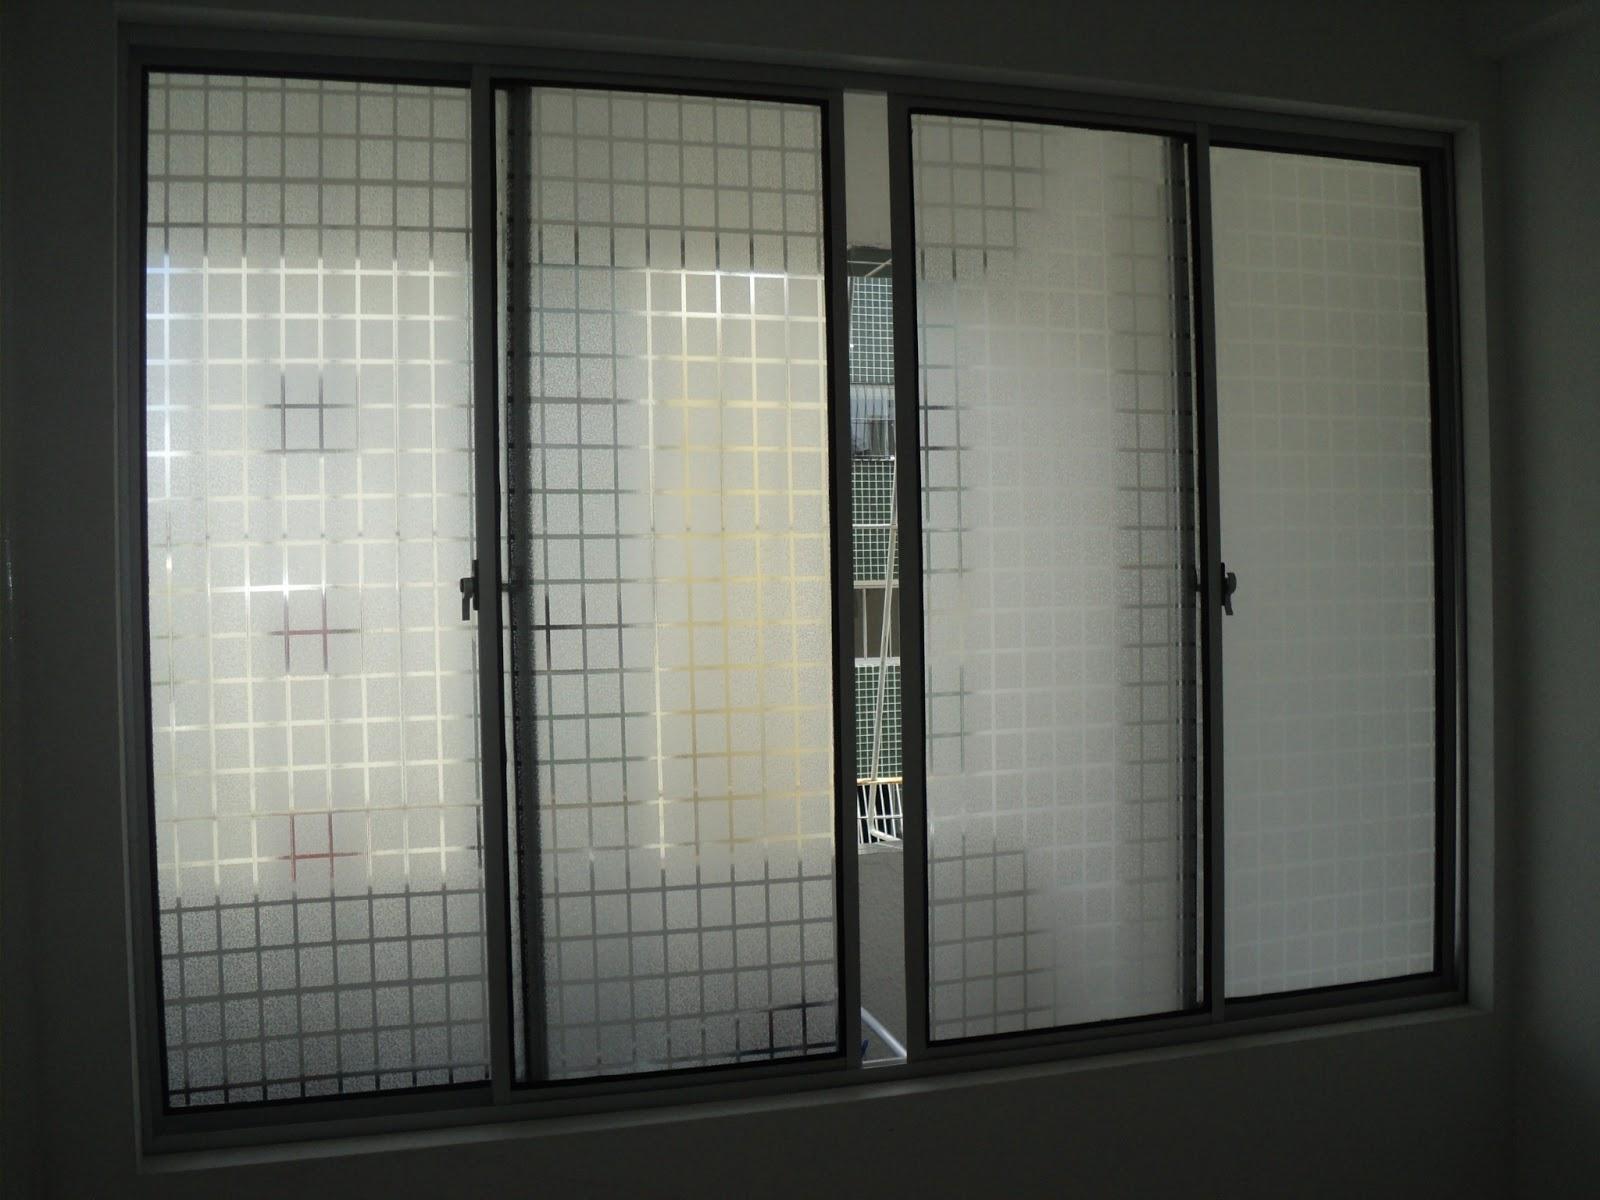 #736E58 Adesivo jateado quadriculado em Recife Camaragibe Olinda Paulista  732 Janelas Vidro Fosco